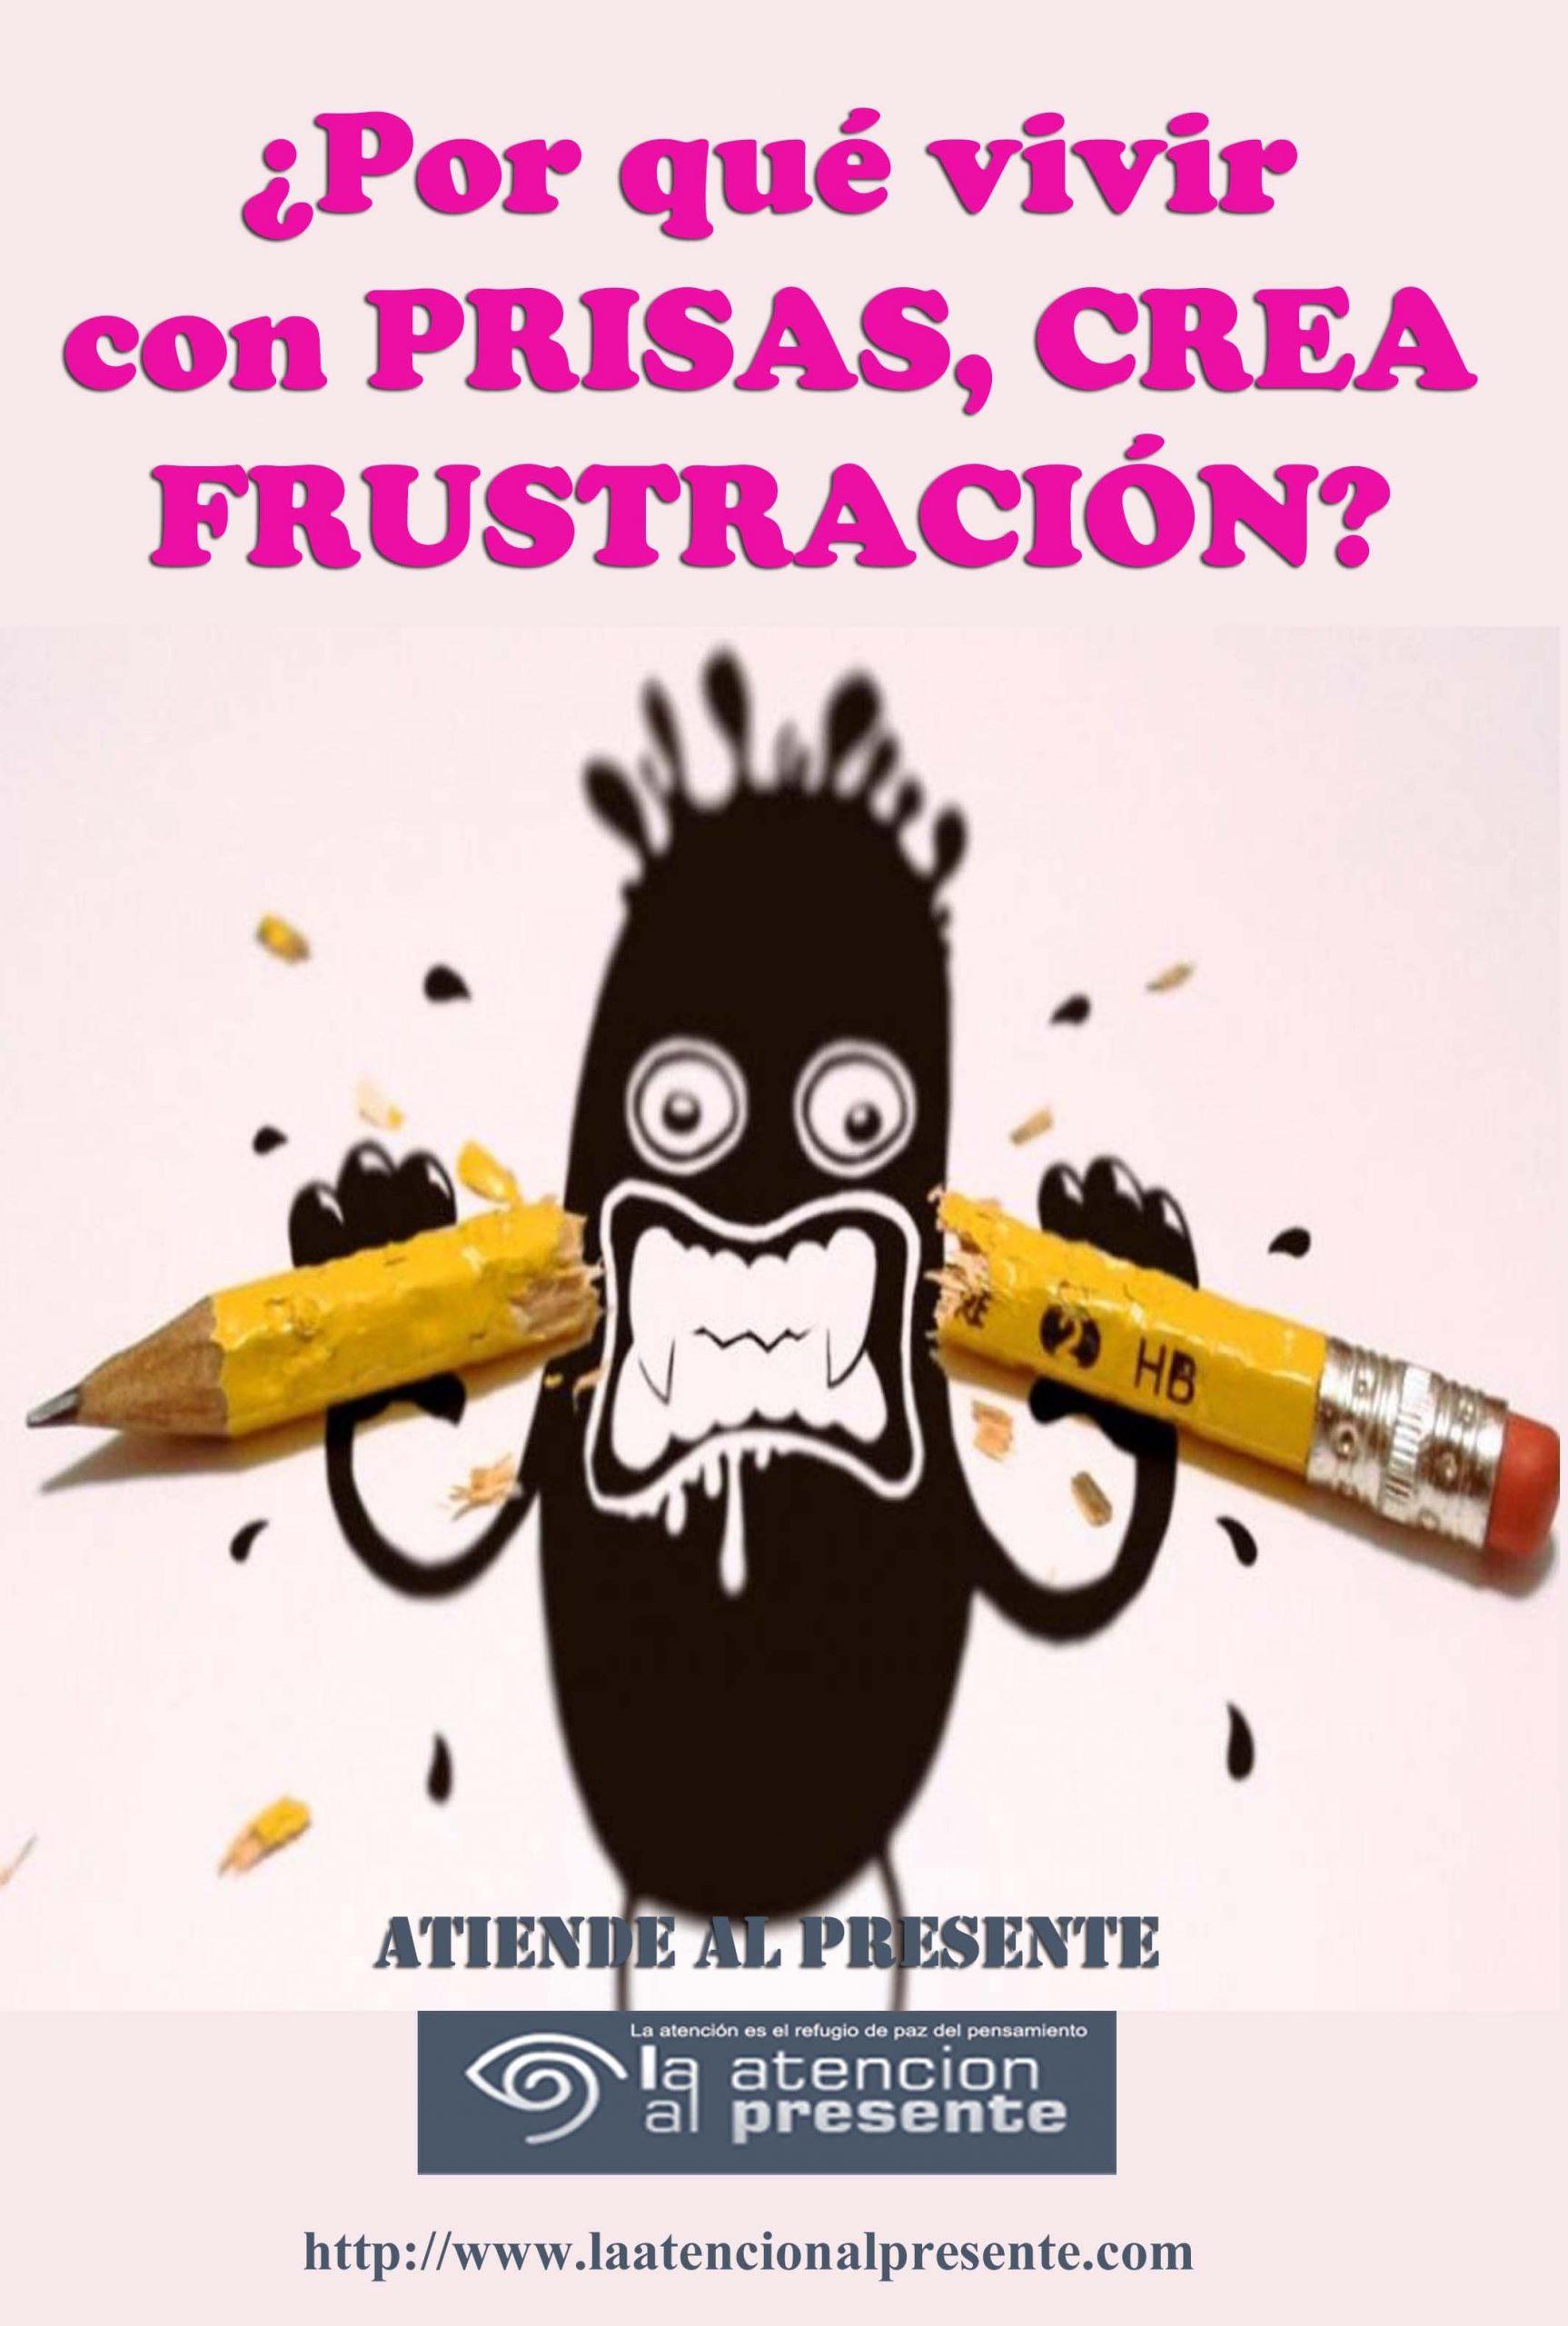 11 de junio Esteban Por qué vivir con PRISAS CREA FRUSTRACIÖN min scaled